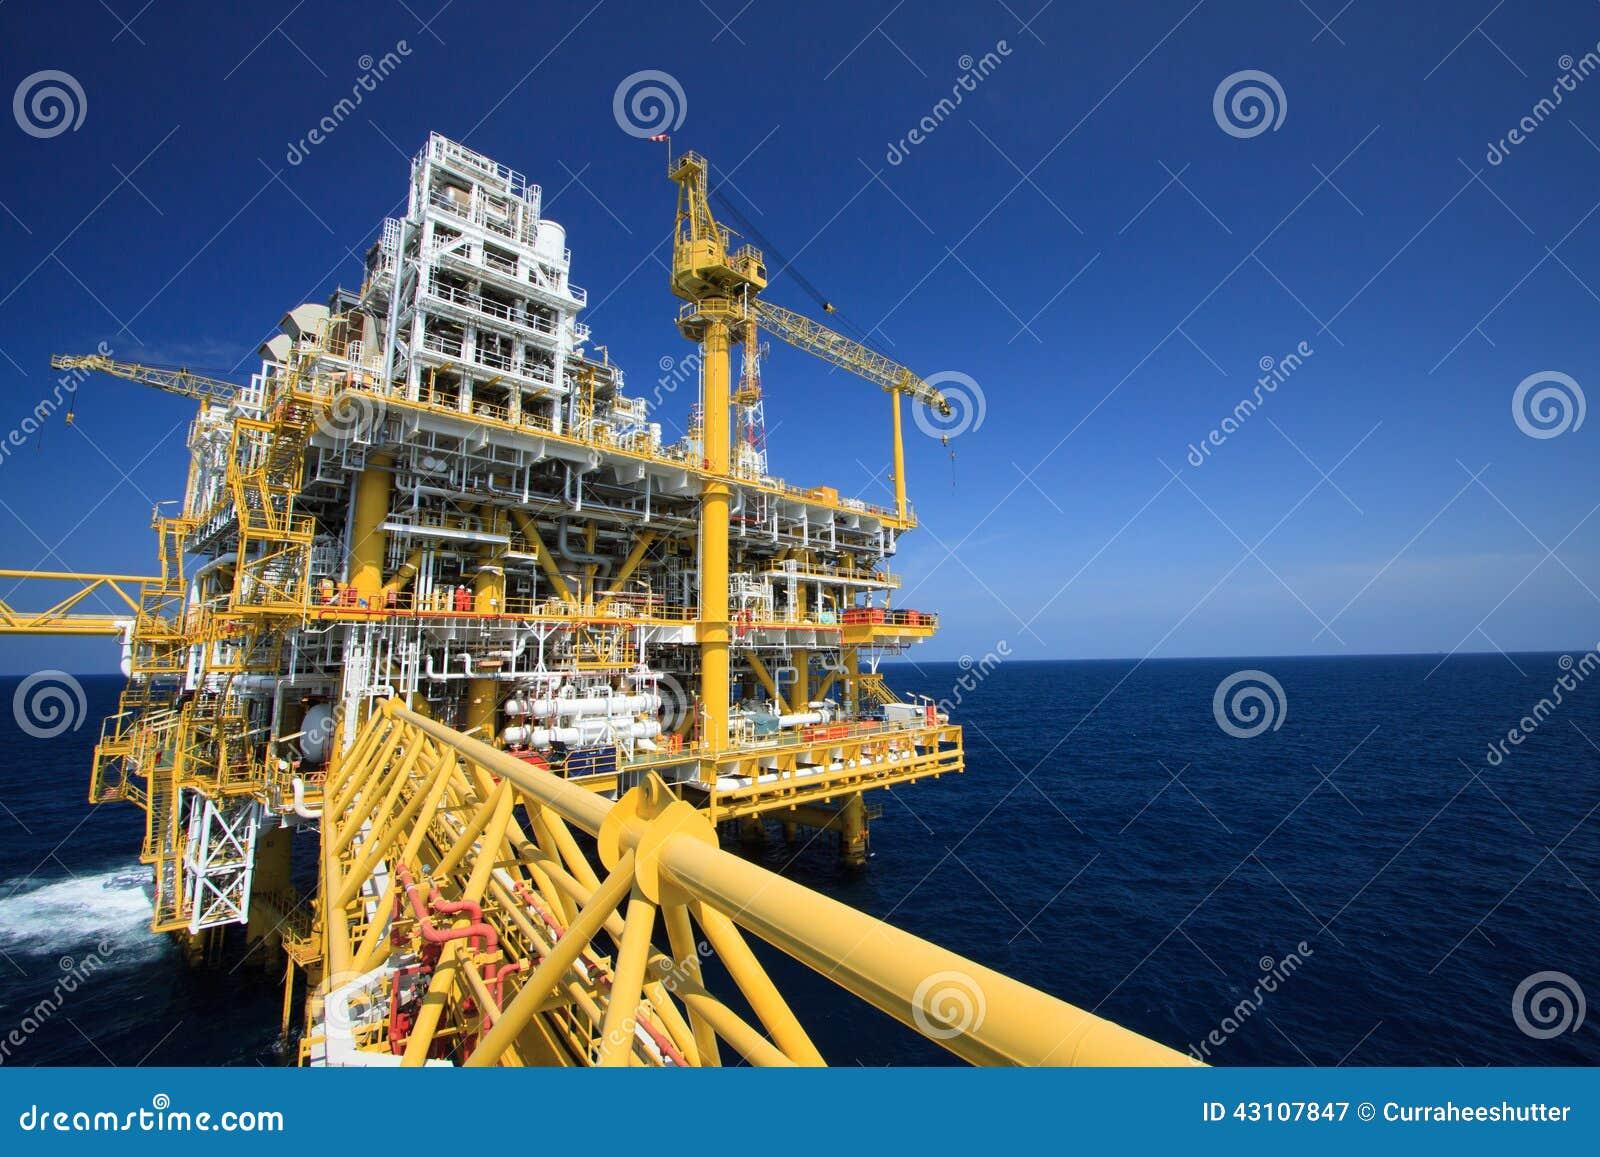 Plataforma de petróleo e gás na indústria a pouca distância do mar, processo de produção no setor petroleiro, planta da construçã